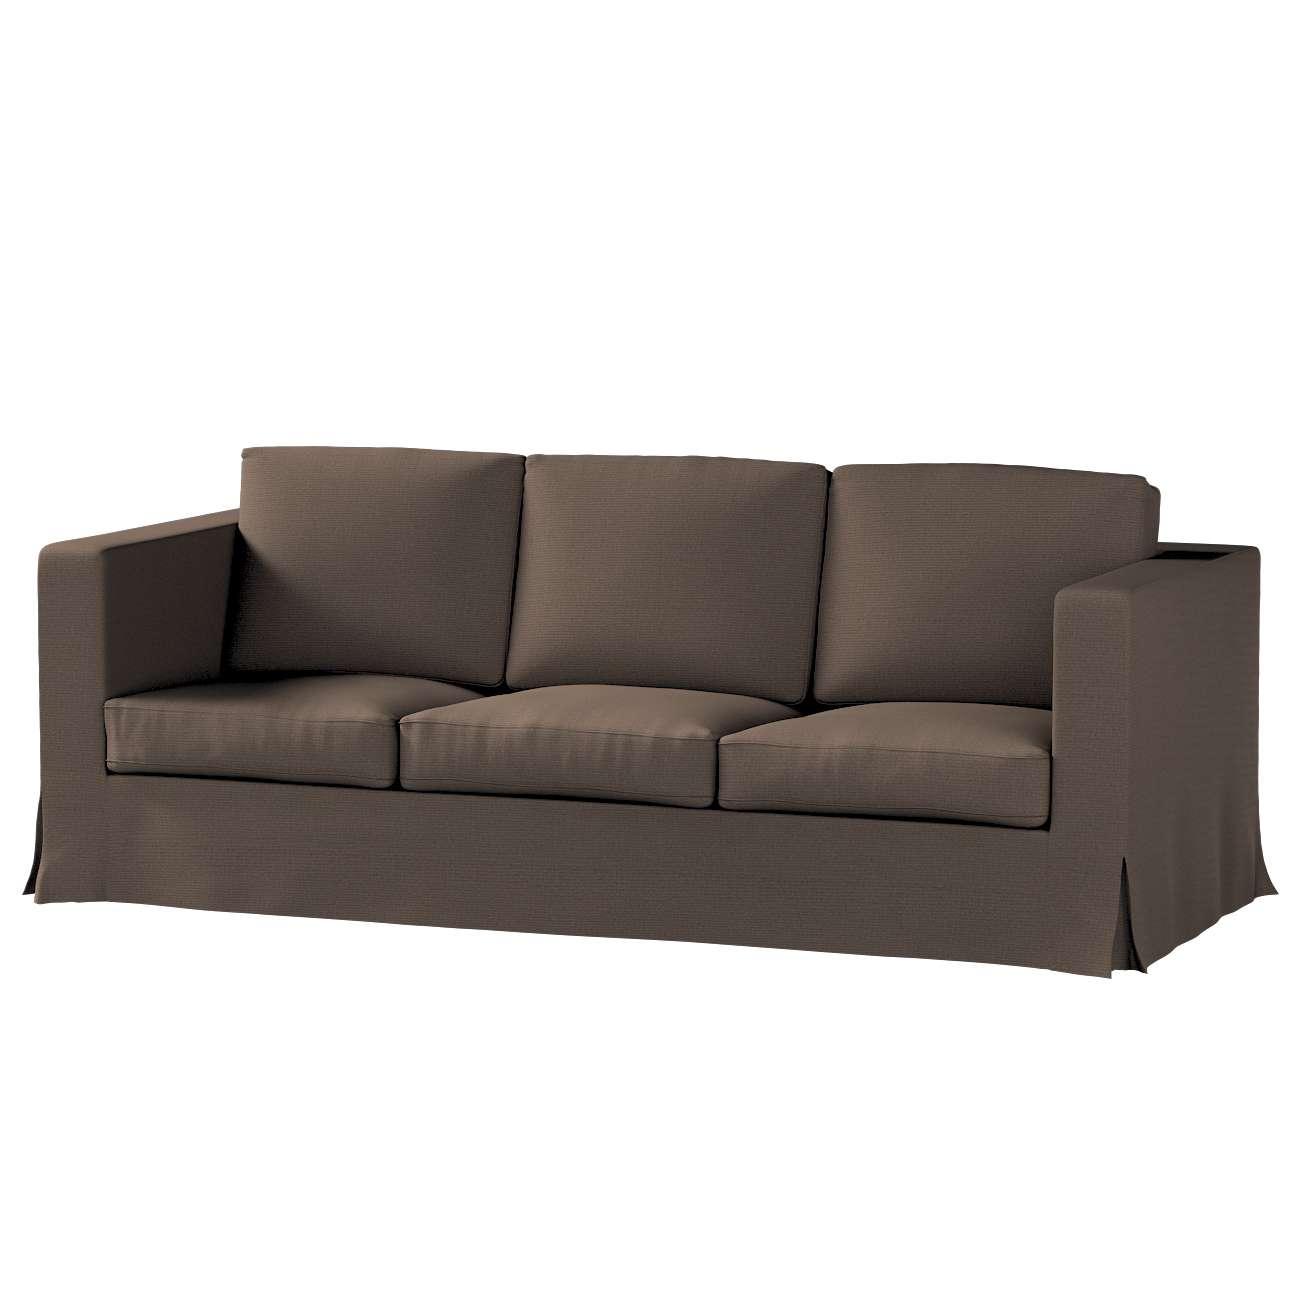 KARLANDA trivietės sofos iki žemės užvalkalas KARLANDA trivietės sofos iki žemės užvalkalas kolekcijoje Etna , audinys: 705-08